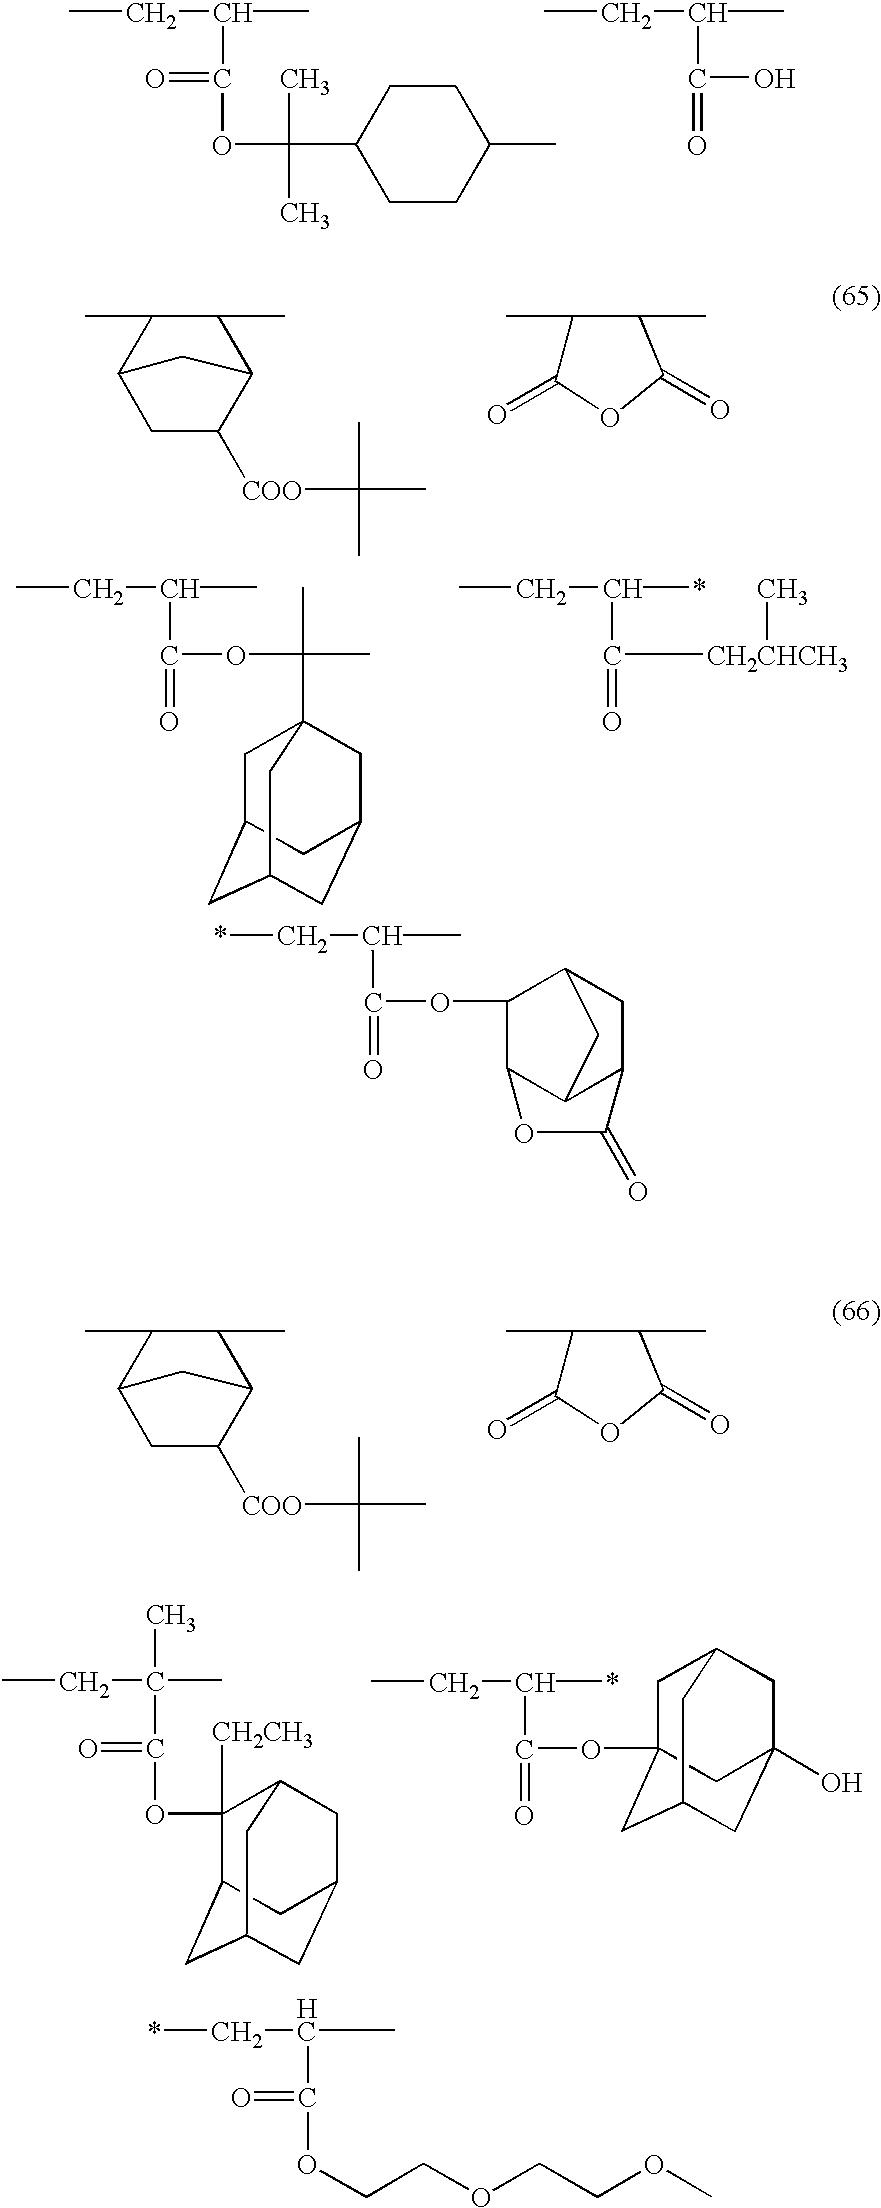 Figure US06492091-20021210-C00111